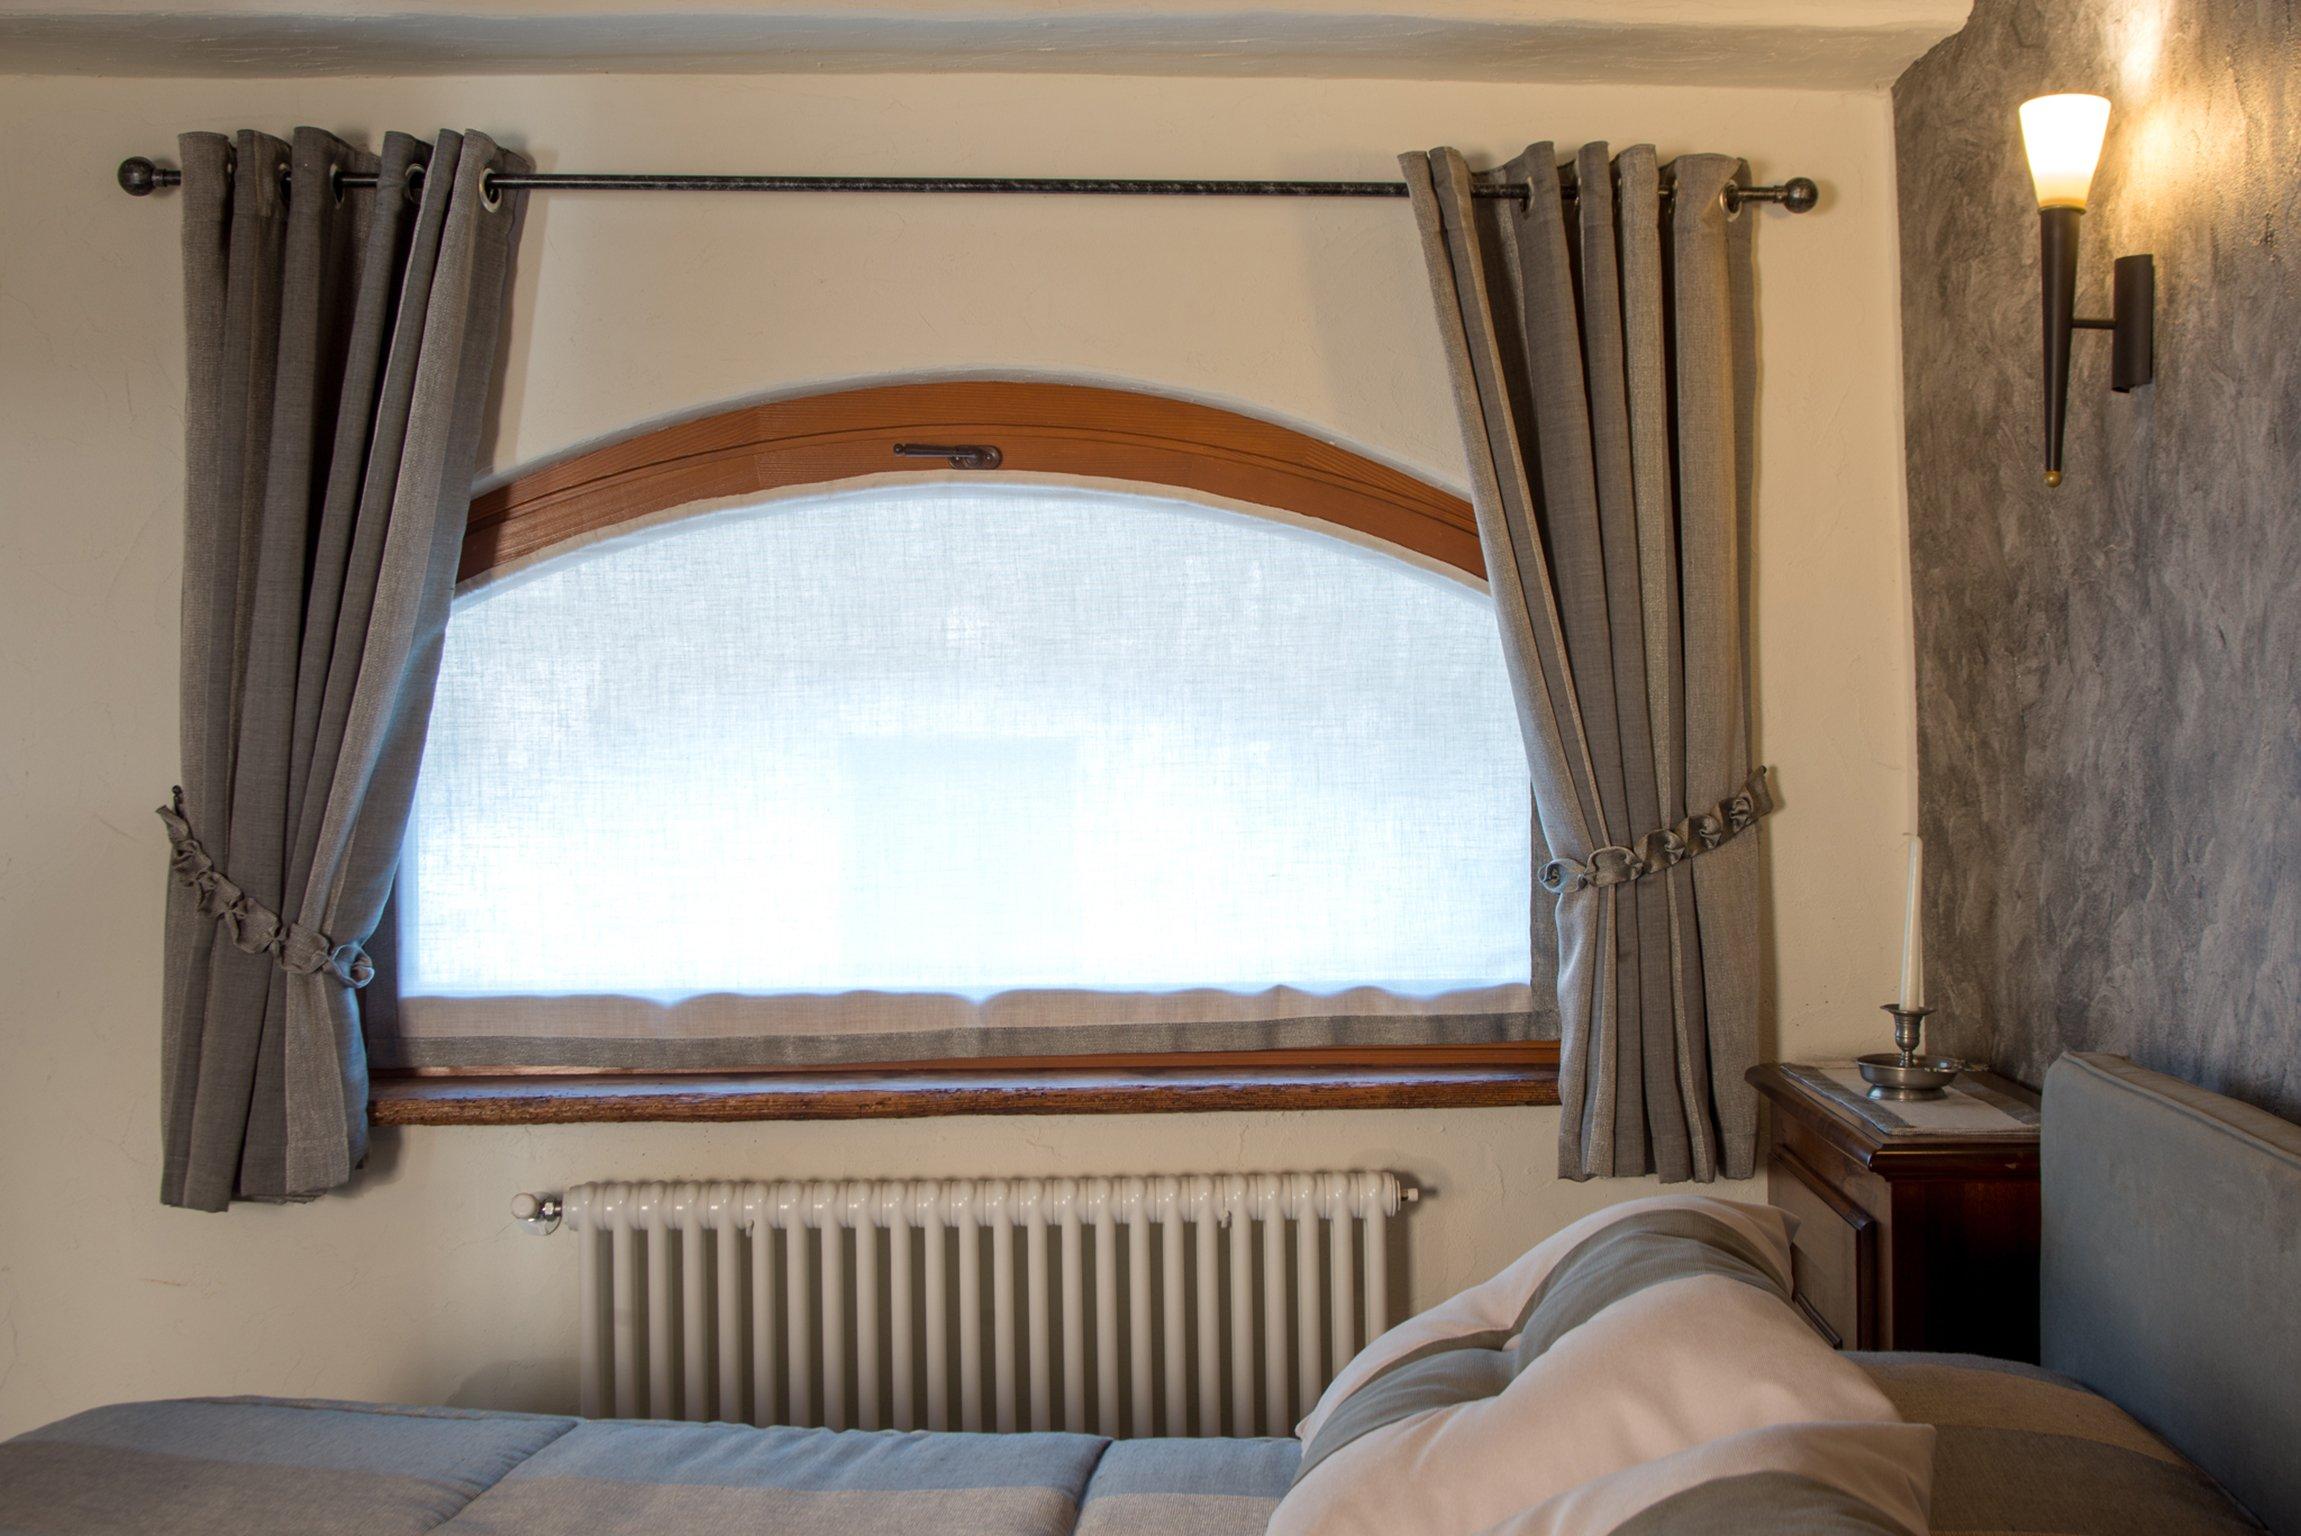 camera da letto con tende e finestra